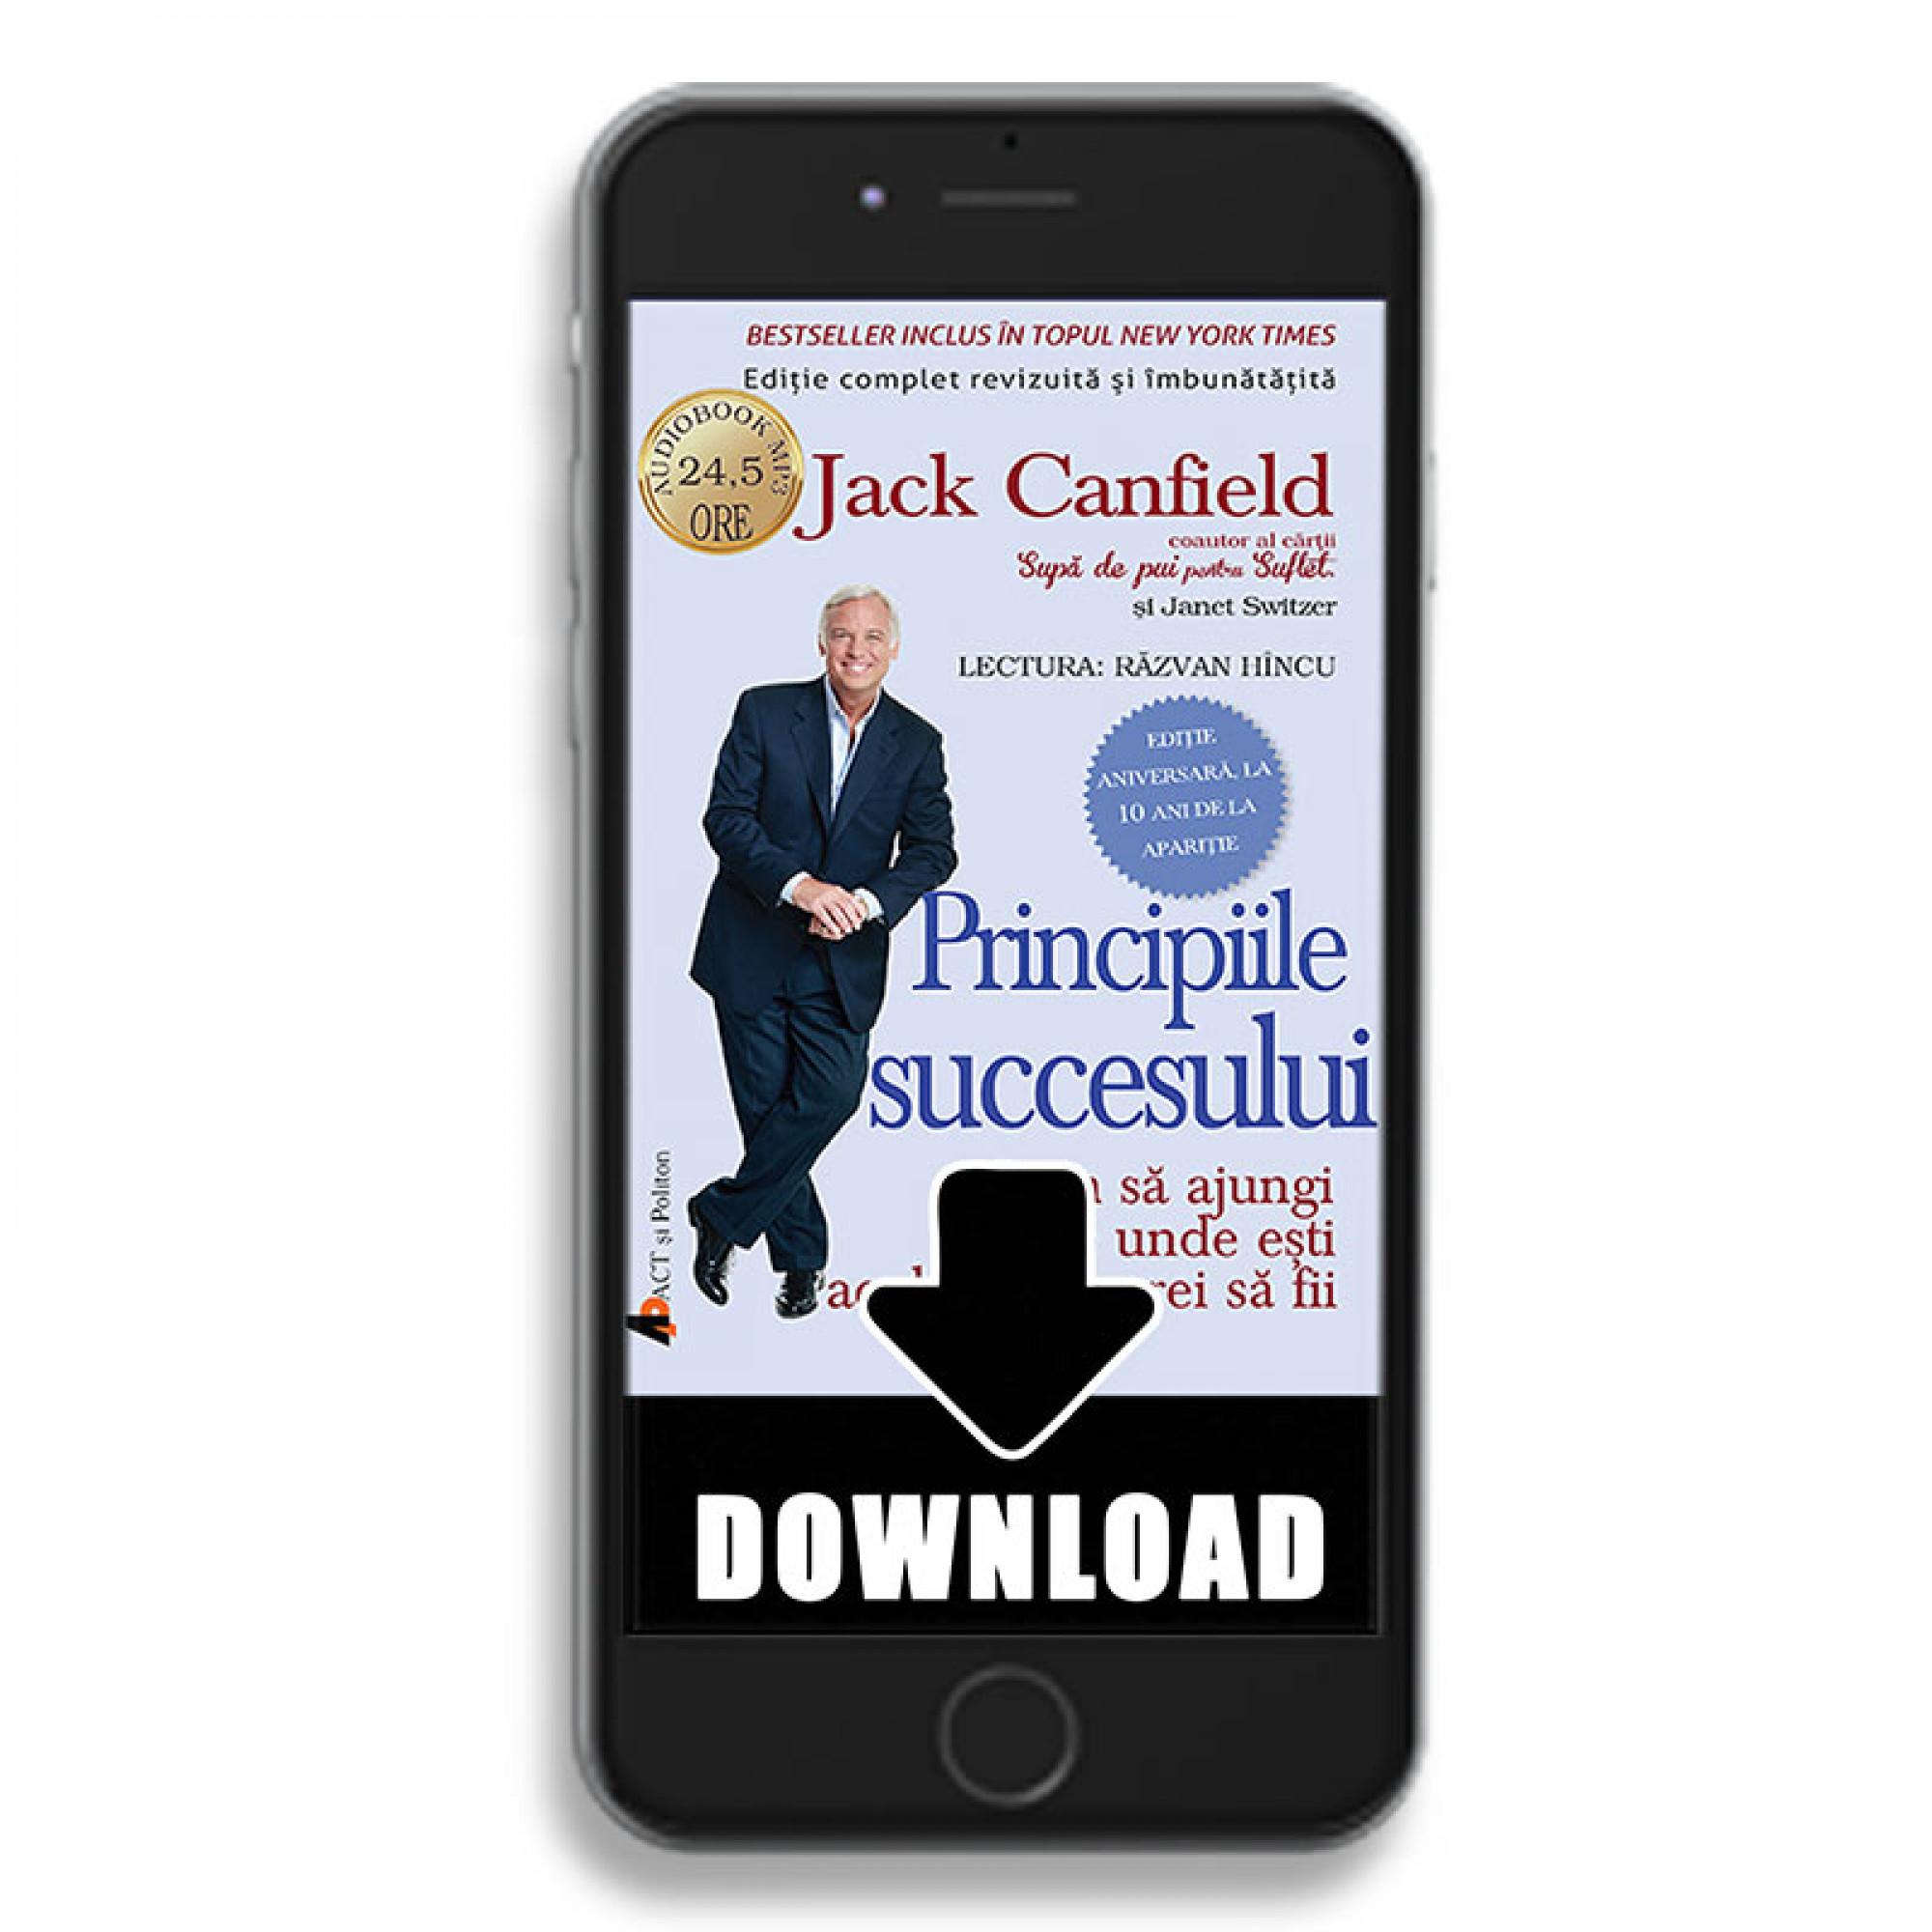 Principiile succesului - Cum să ajungi de unde ești acolo unde vrei să fii; Jack Canfield